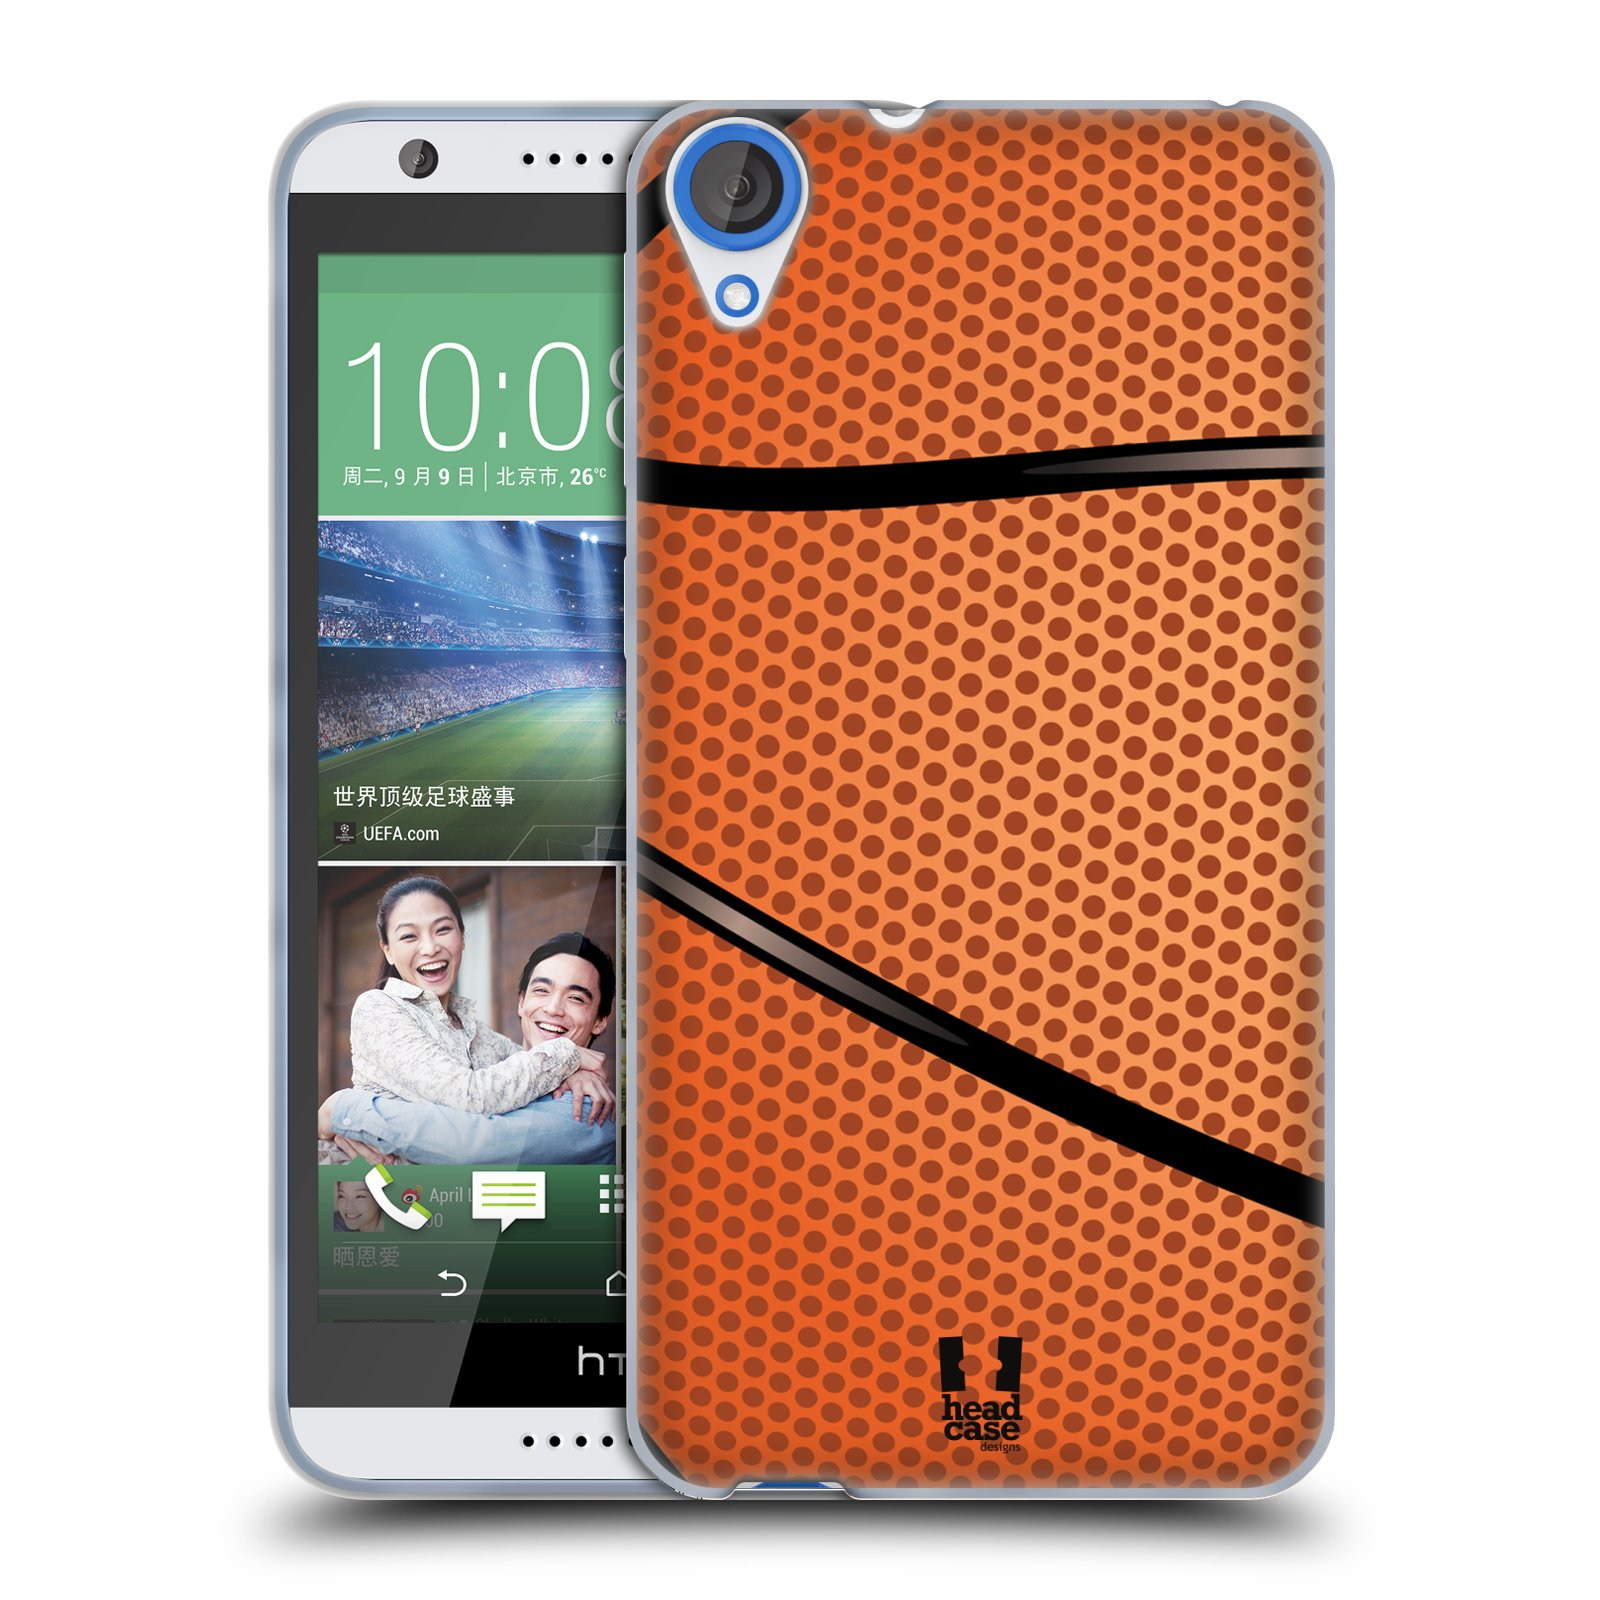 Silikonové pouzdro na mobil HTC Desire 820 HEAD CASE BASKEŤÁK (Silikonový kryt či obal na mobilní telefon HTC Desire 820)